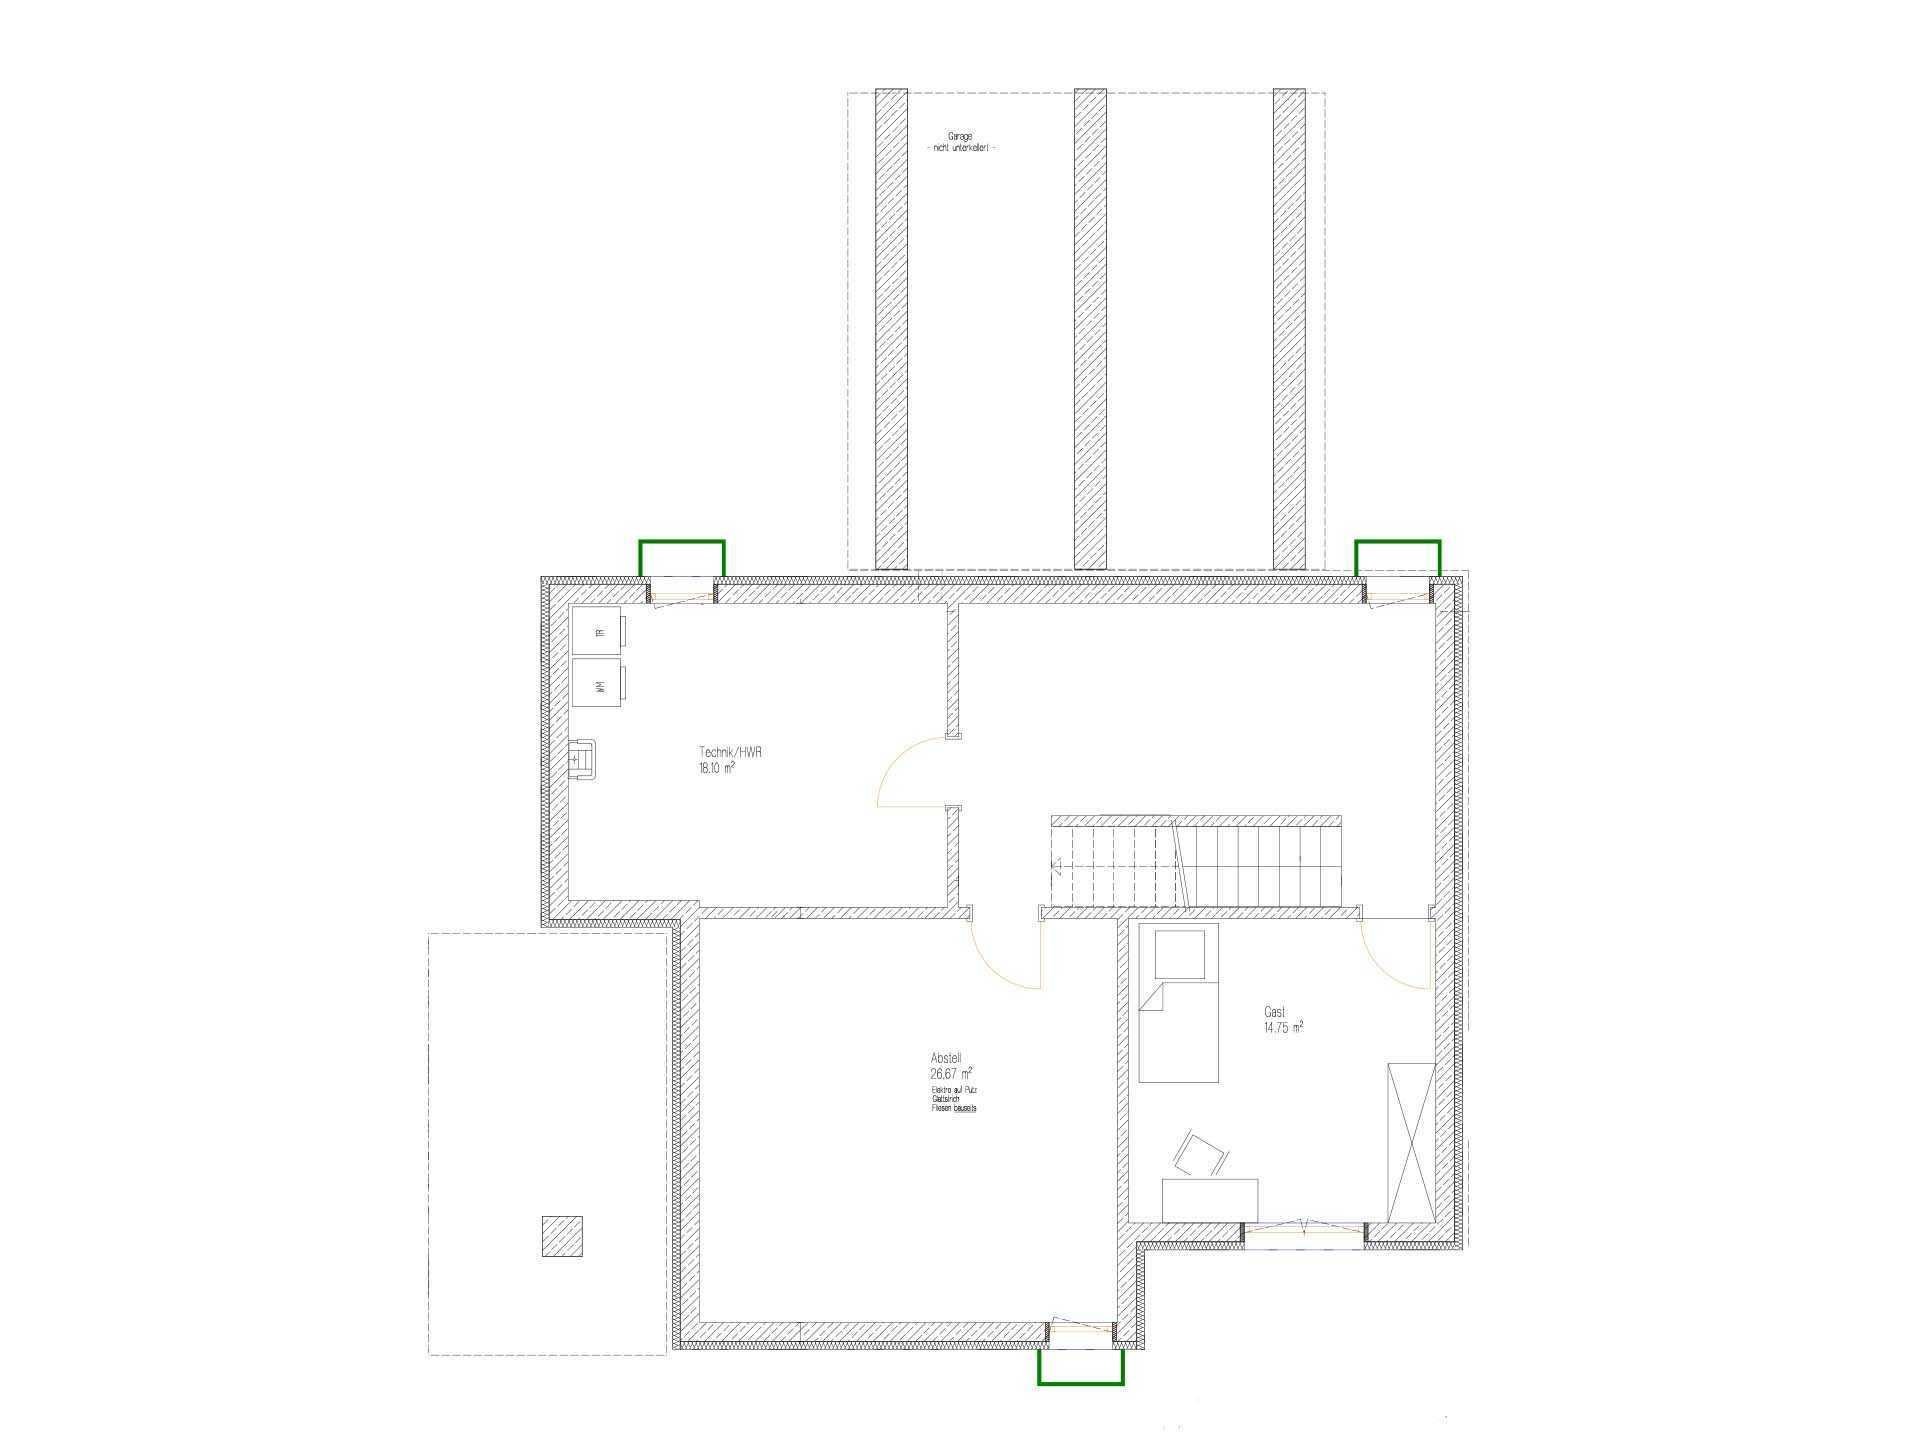 Kundenhaus Malmsheim - Eine Nahaufnahme von einer Karte - Gebäudeplan